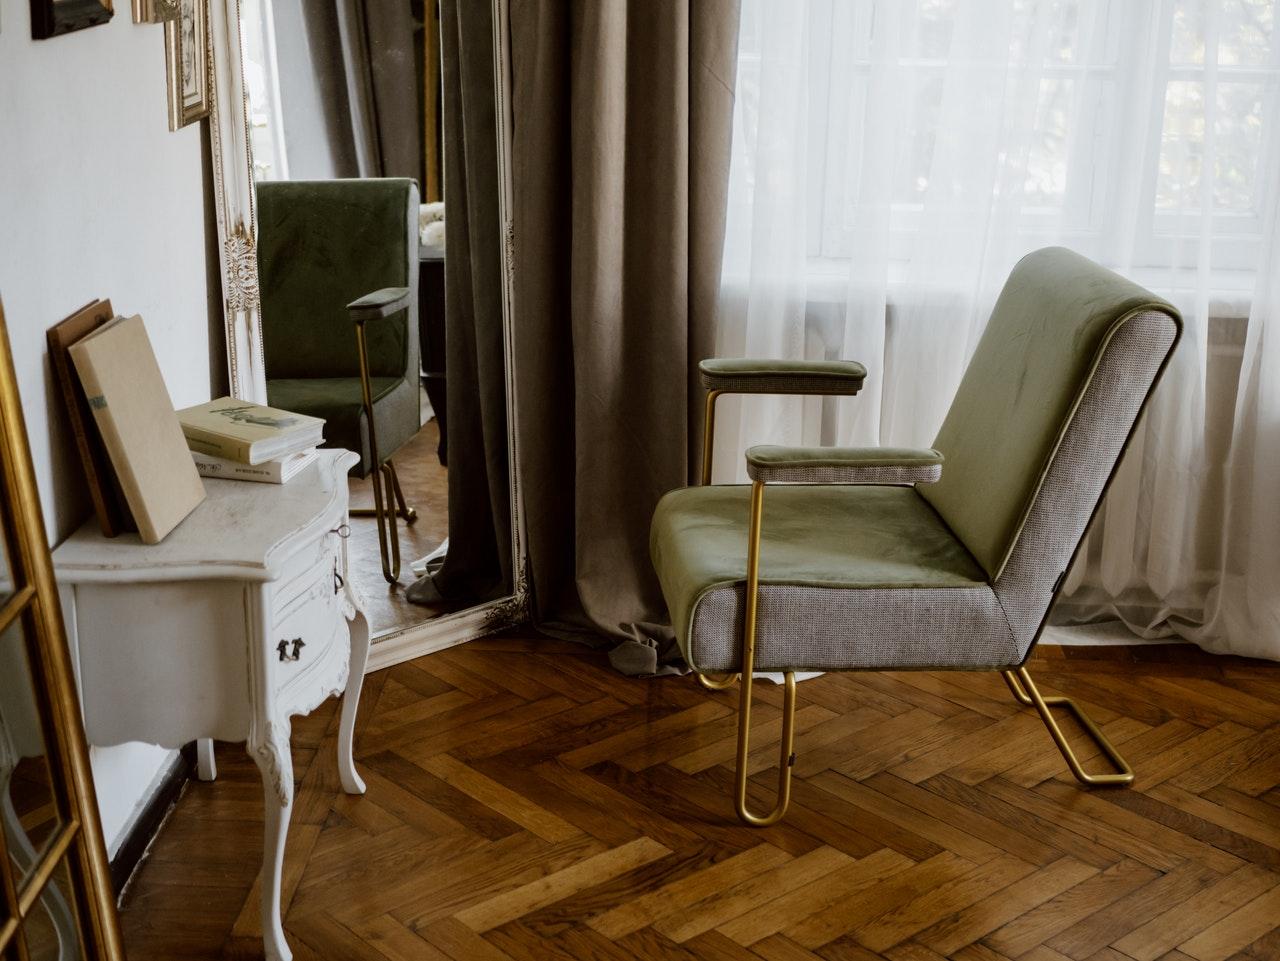 Visite_:_matériaux_tendance_et_accents_classiques_pour_appartement_parisien_moderne___coco_kelley